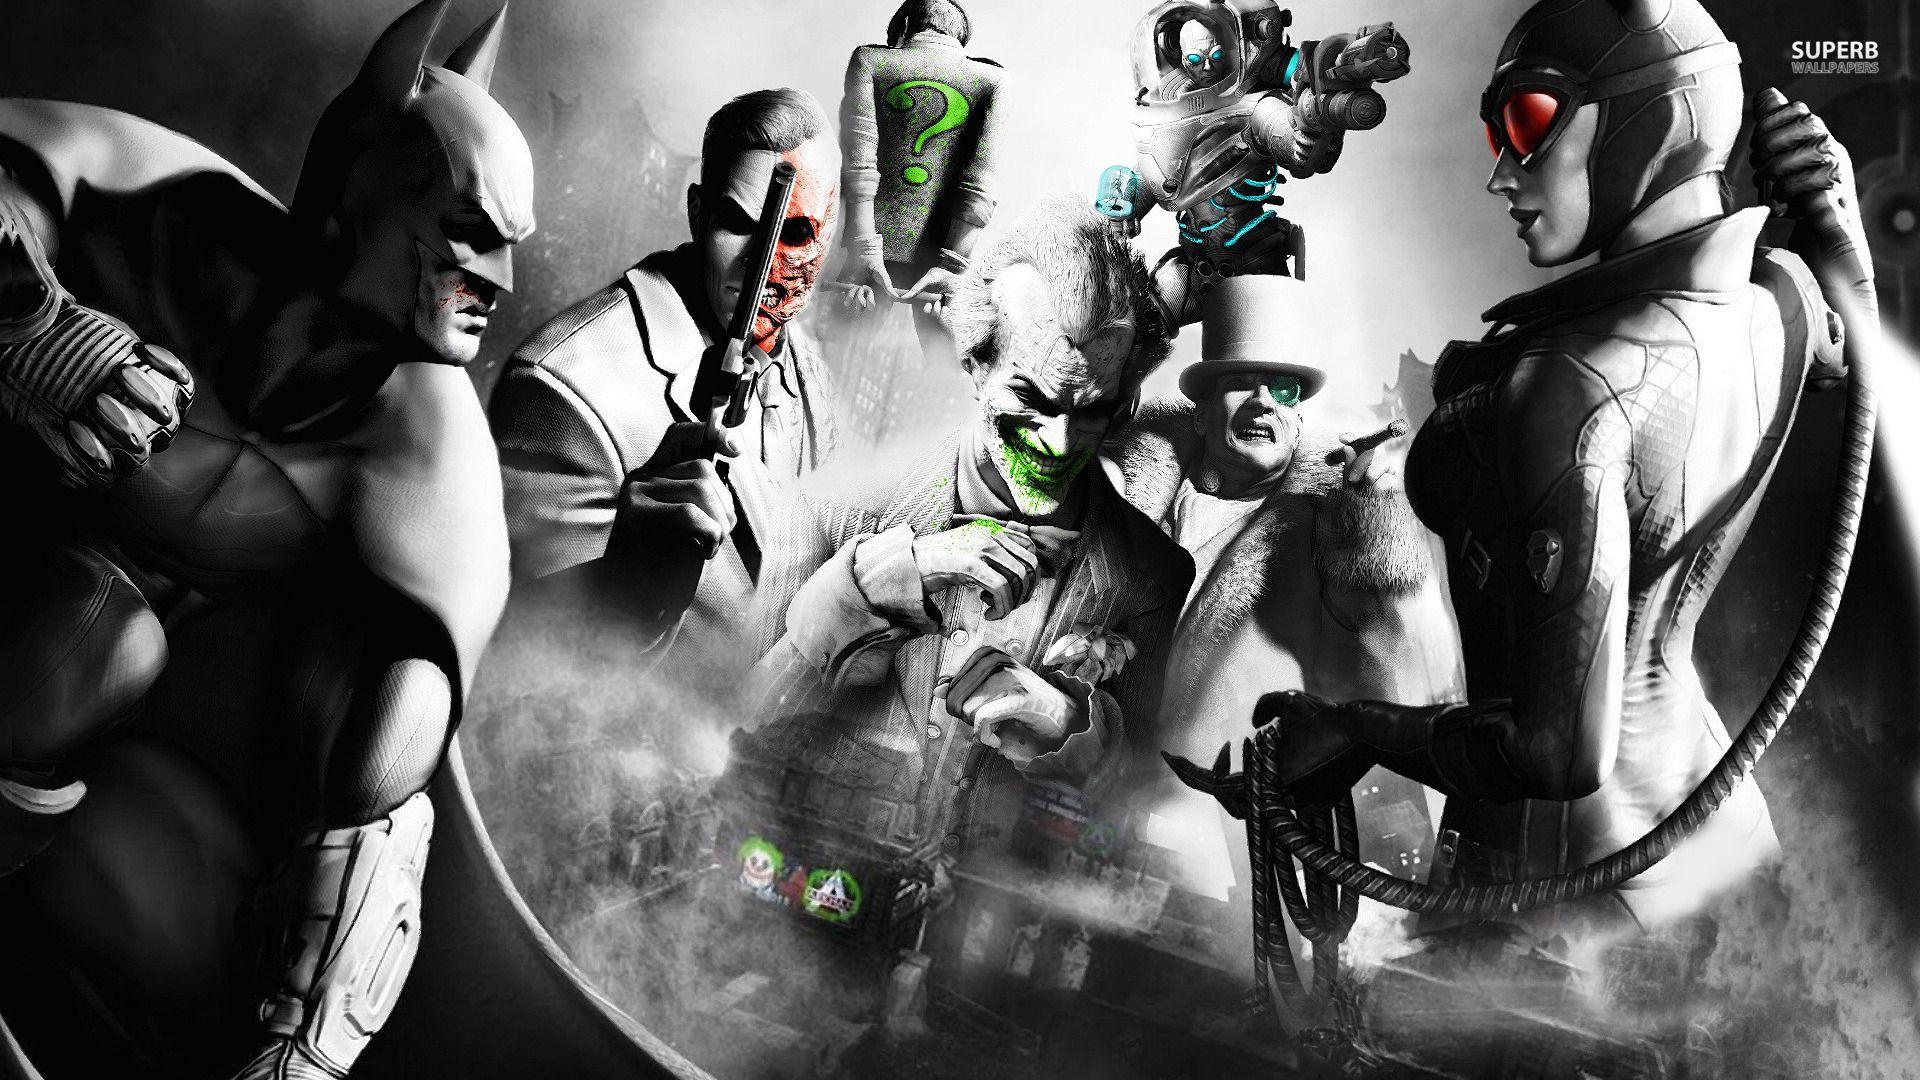 batman arkham origins video game | batman: arkham origins wallpaper